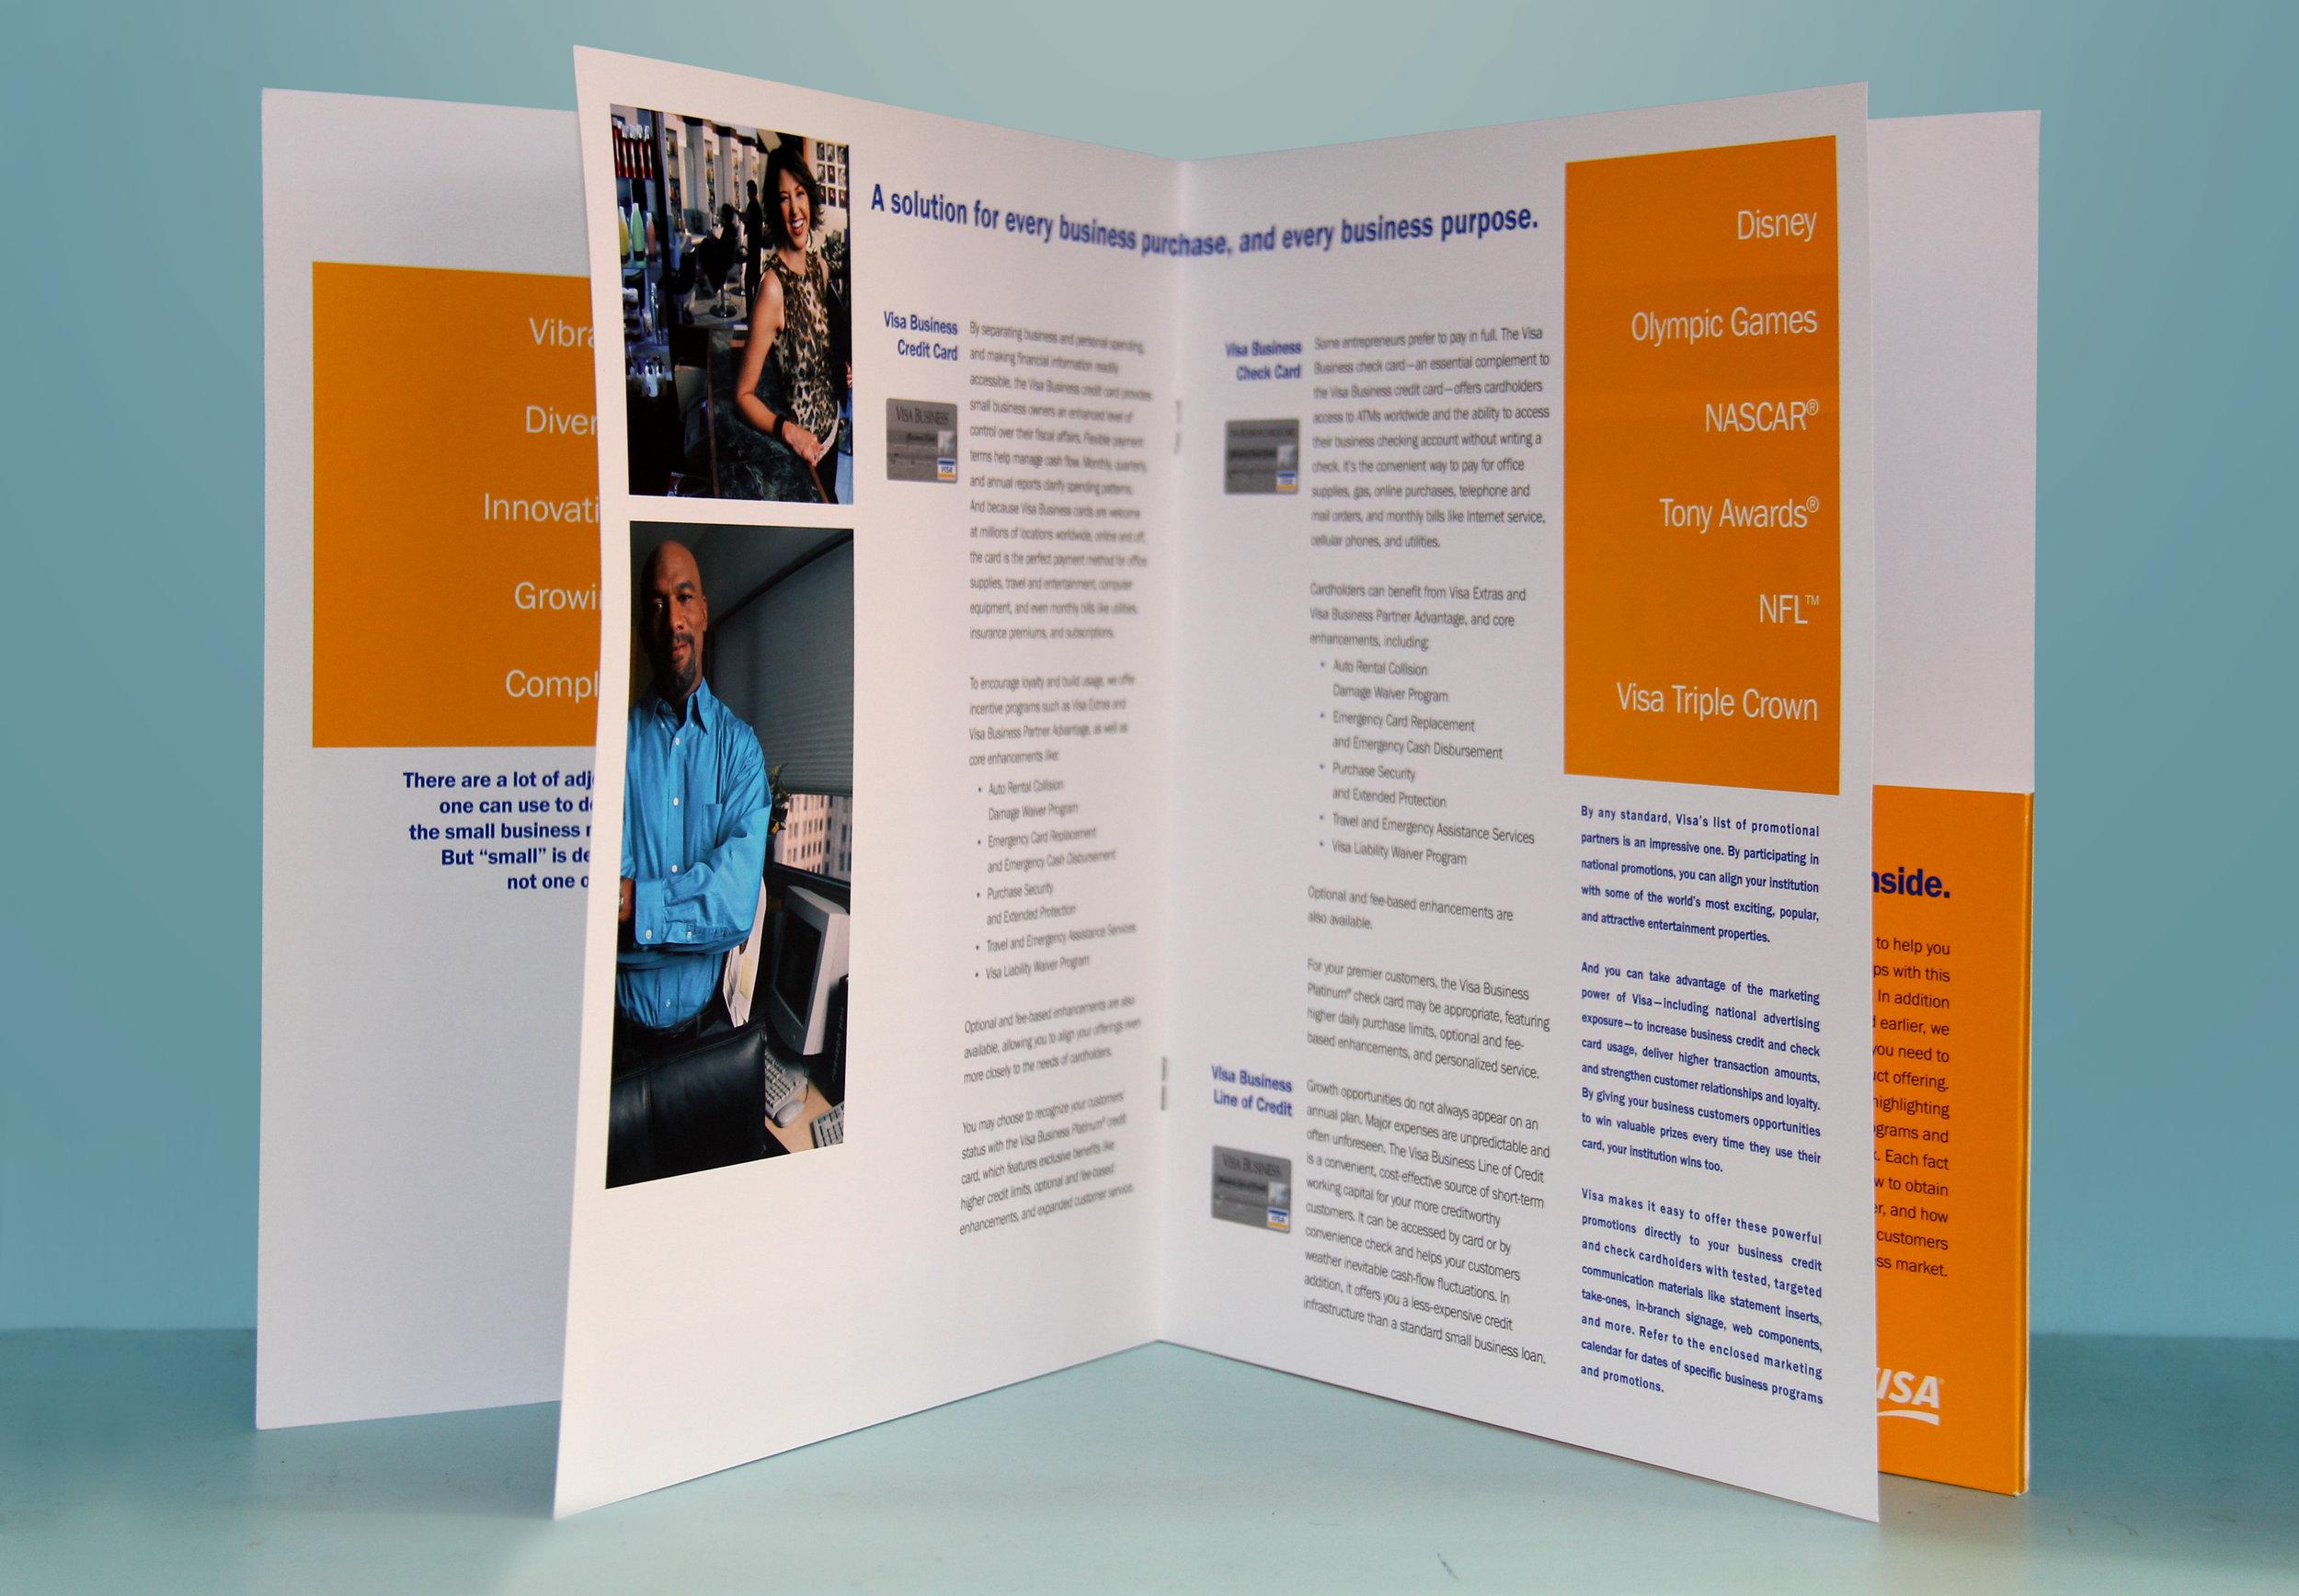 Visa Small Business Marketing Brochure Interior